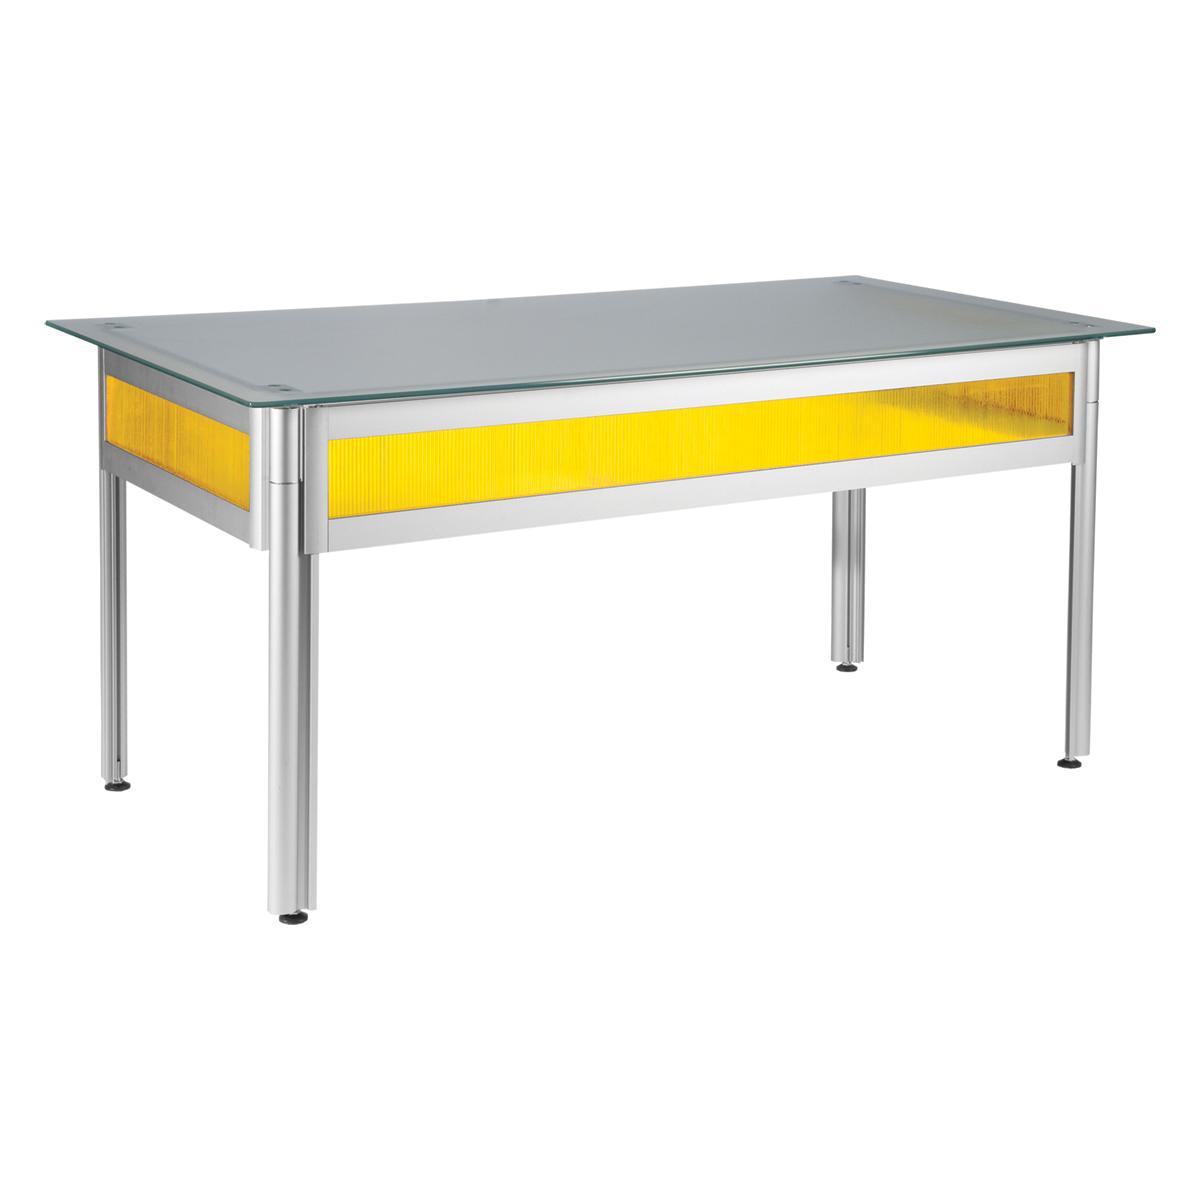 Bureau flashy jaune plateau verre opaque 120x80 for Bureau jaune